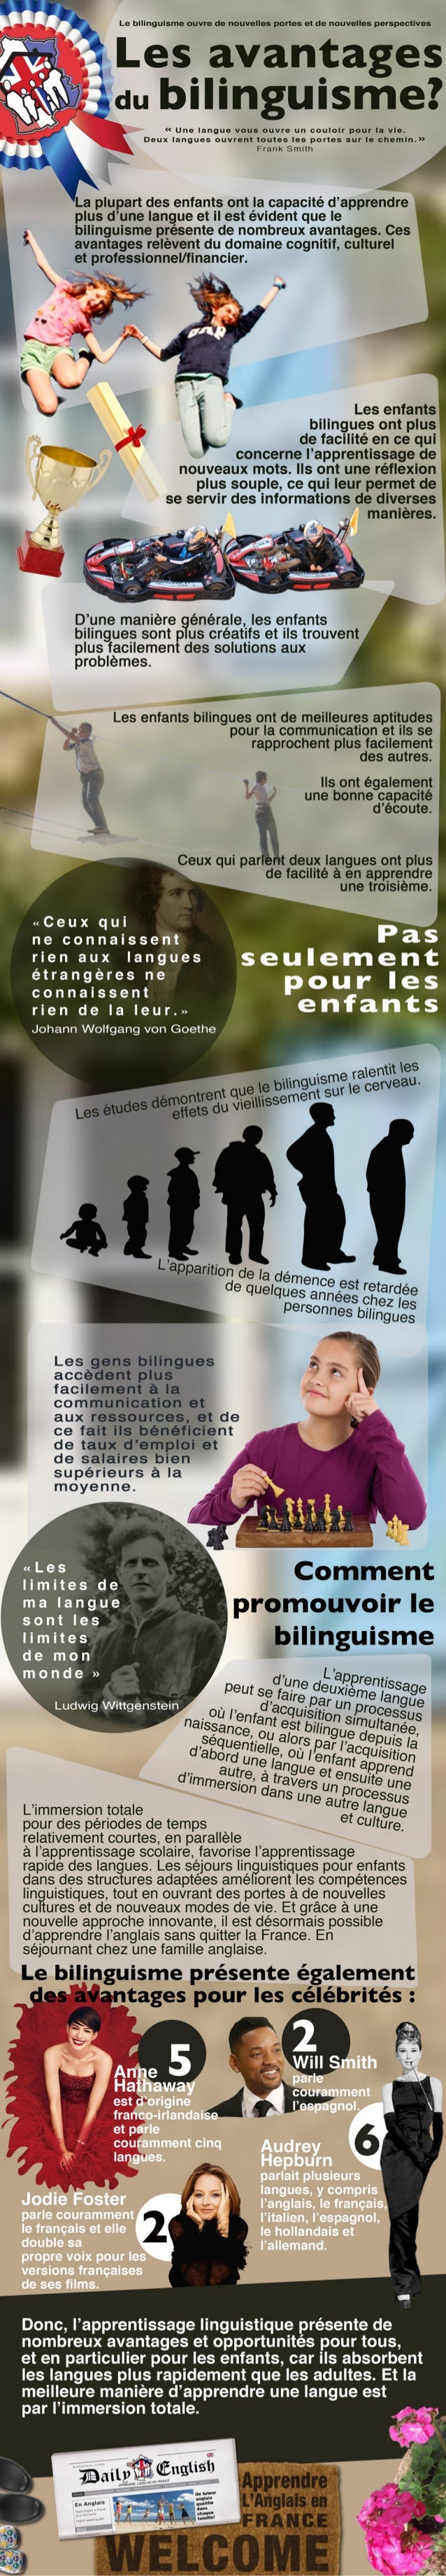 Séjours linguistiques en France par DailyEnglish